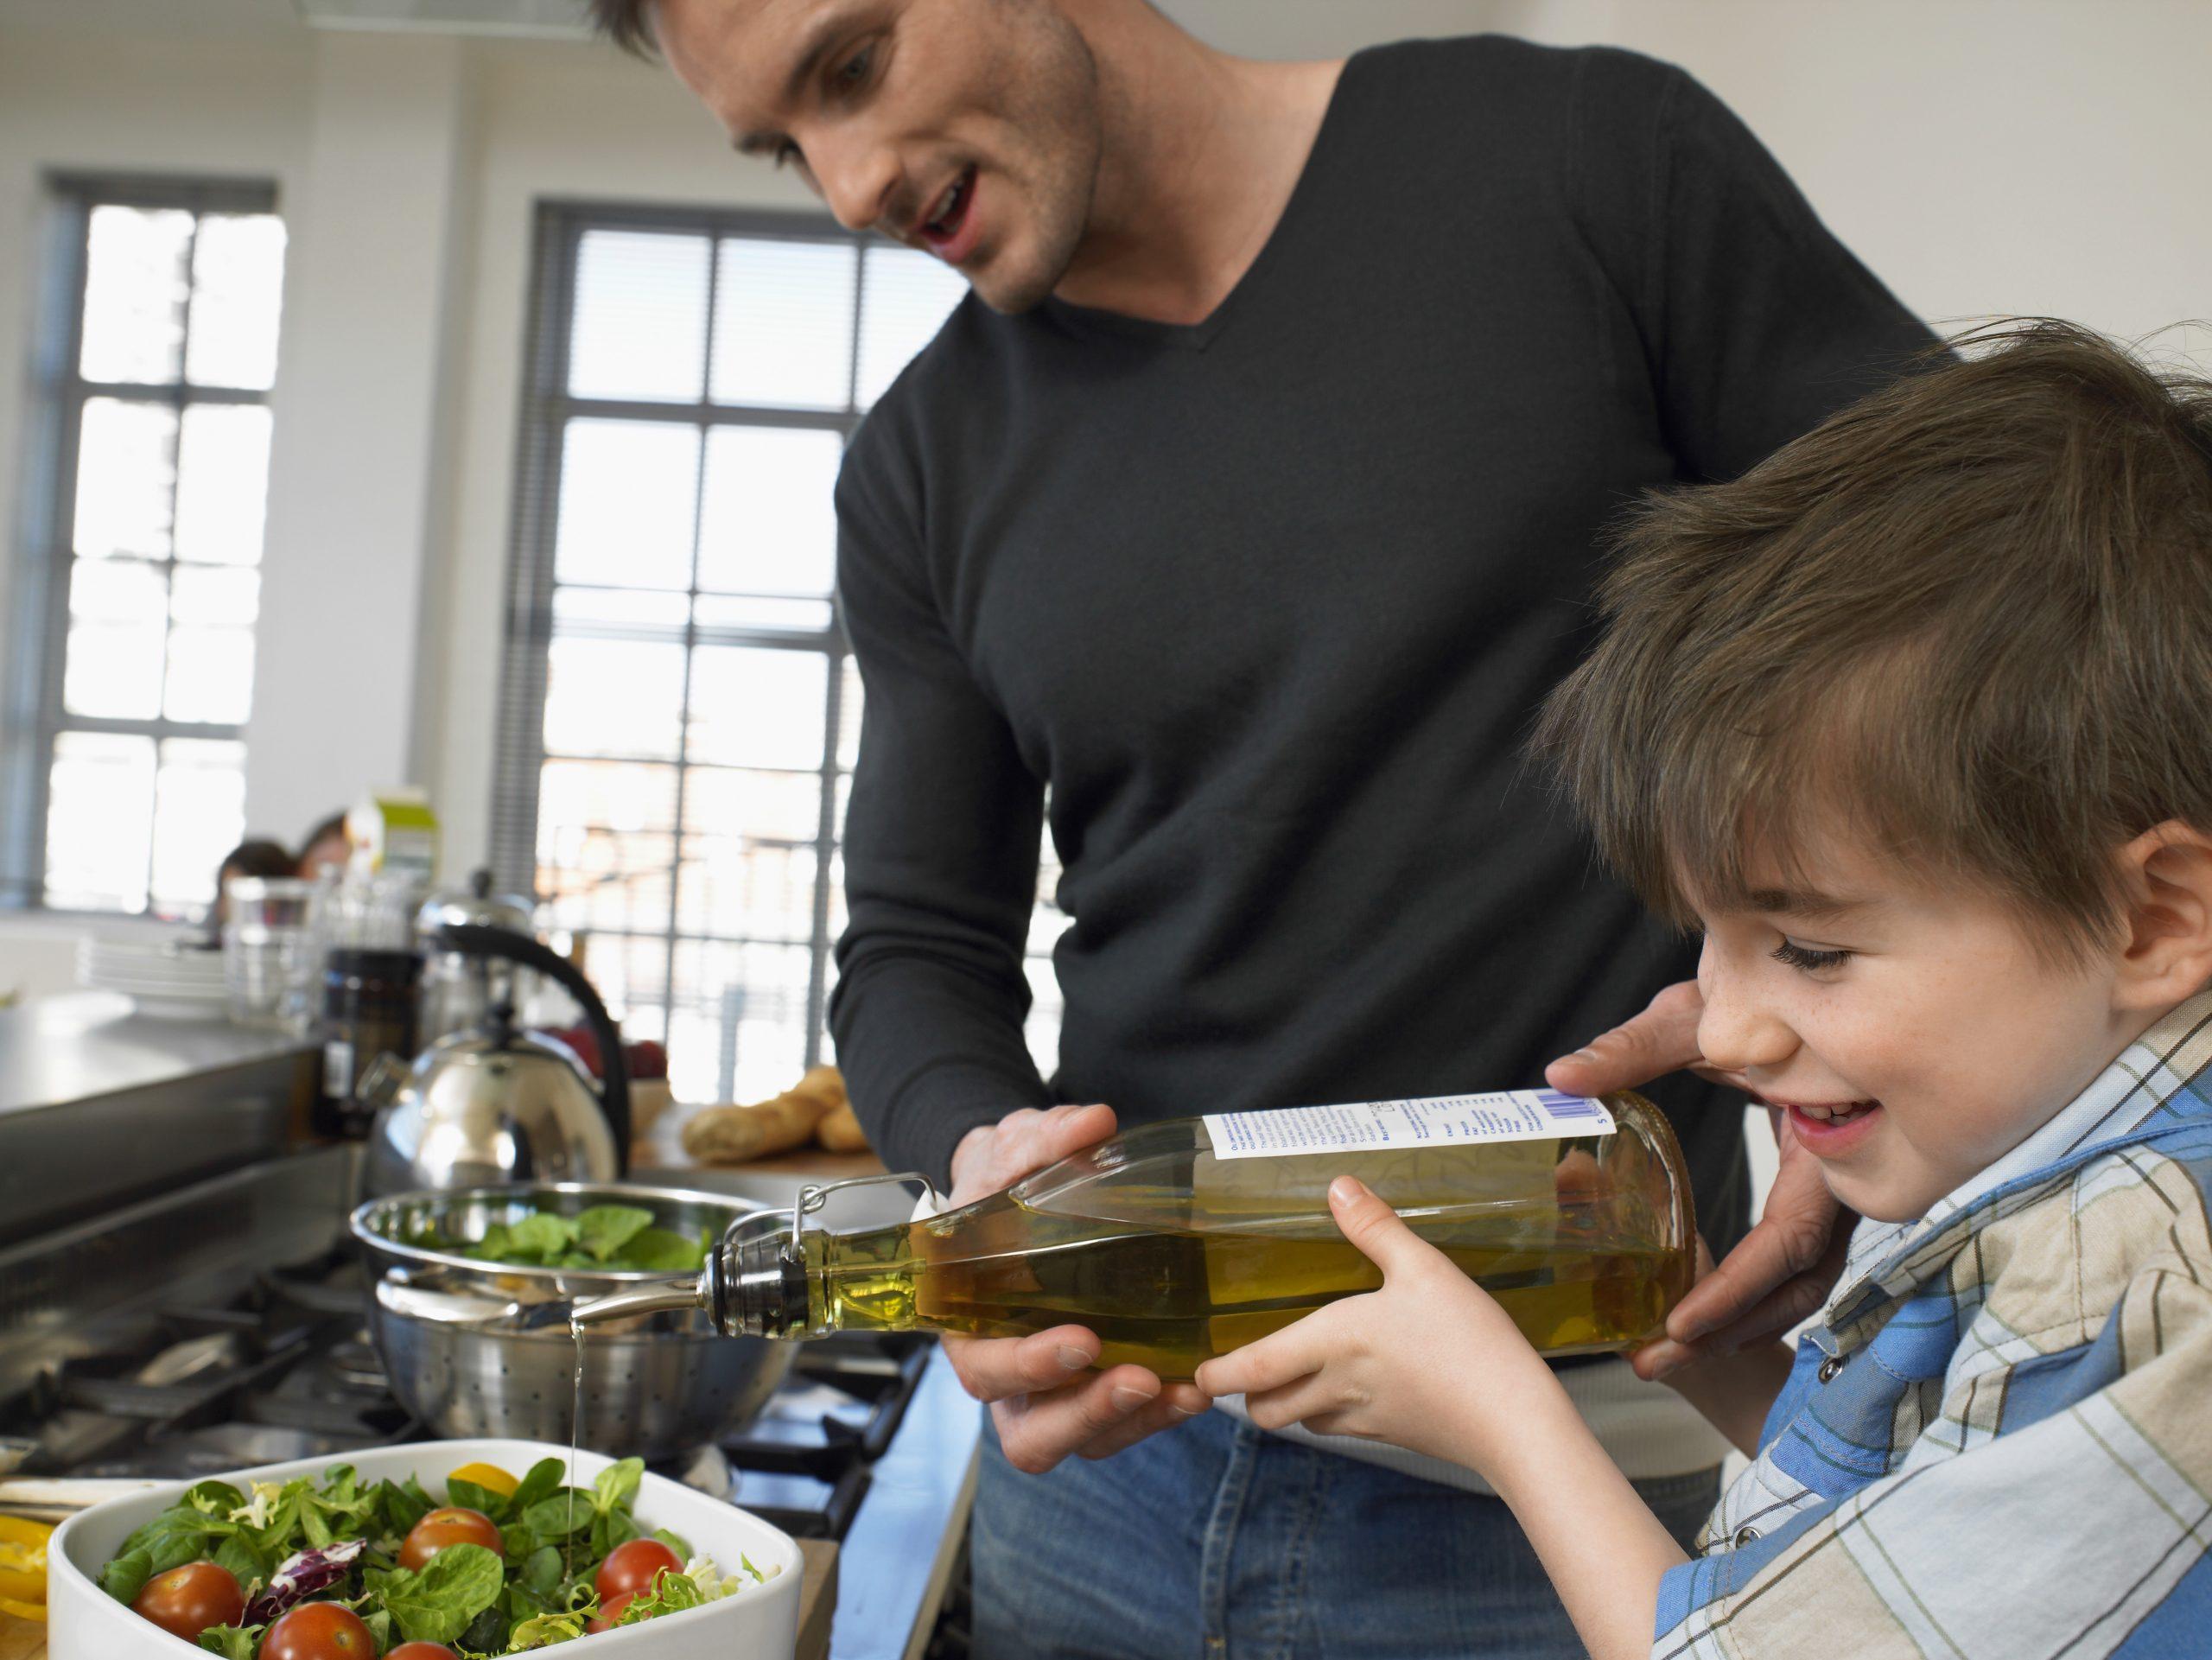 Izbira živil in ekonomično vodenje gospodinjstva v času COVID-19